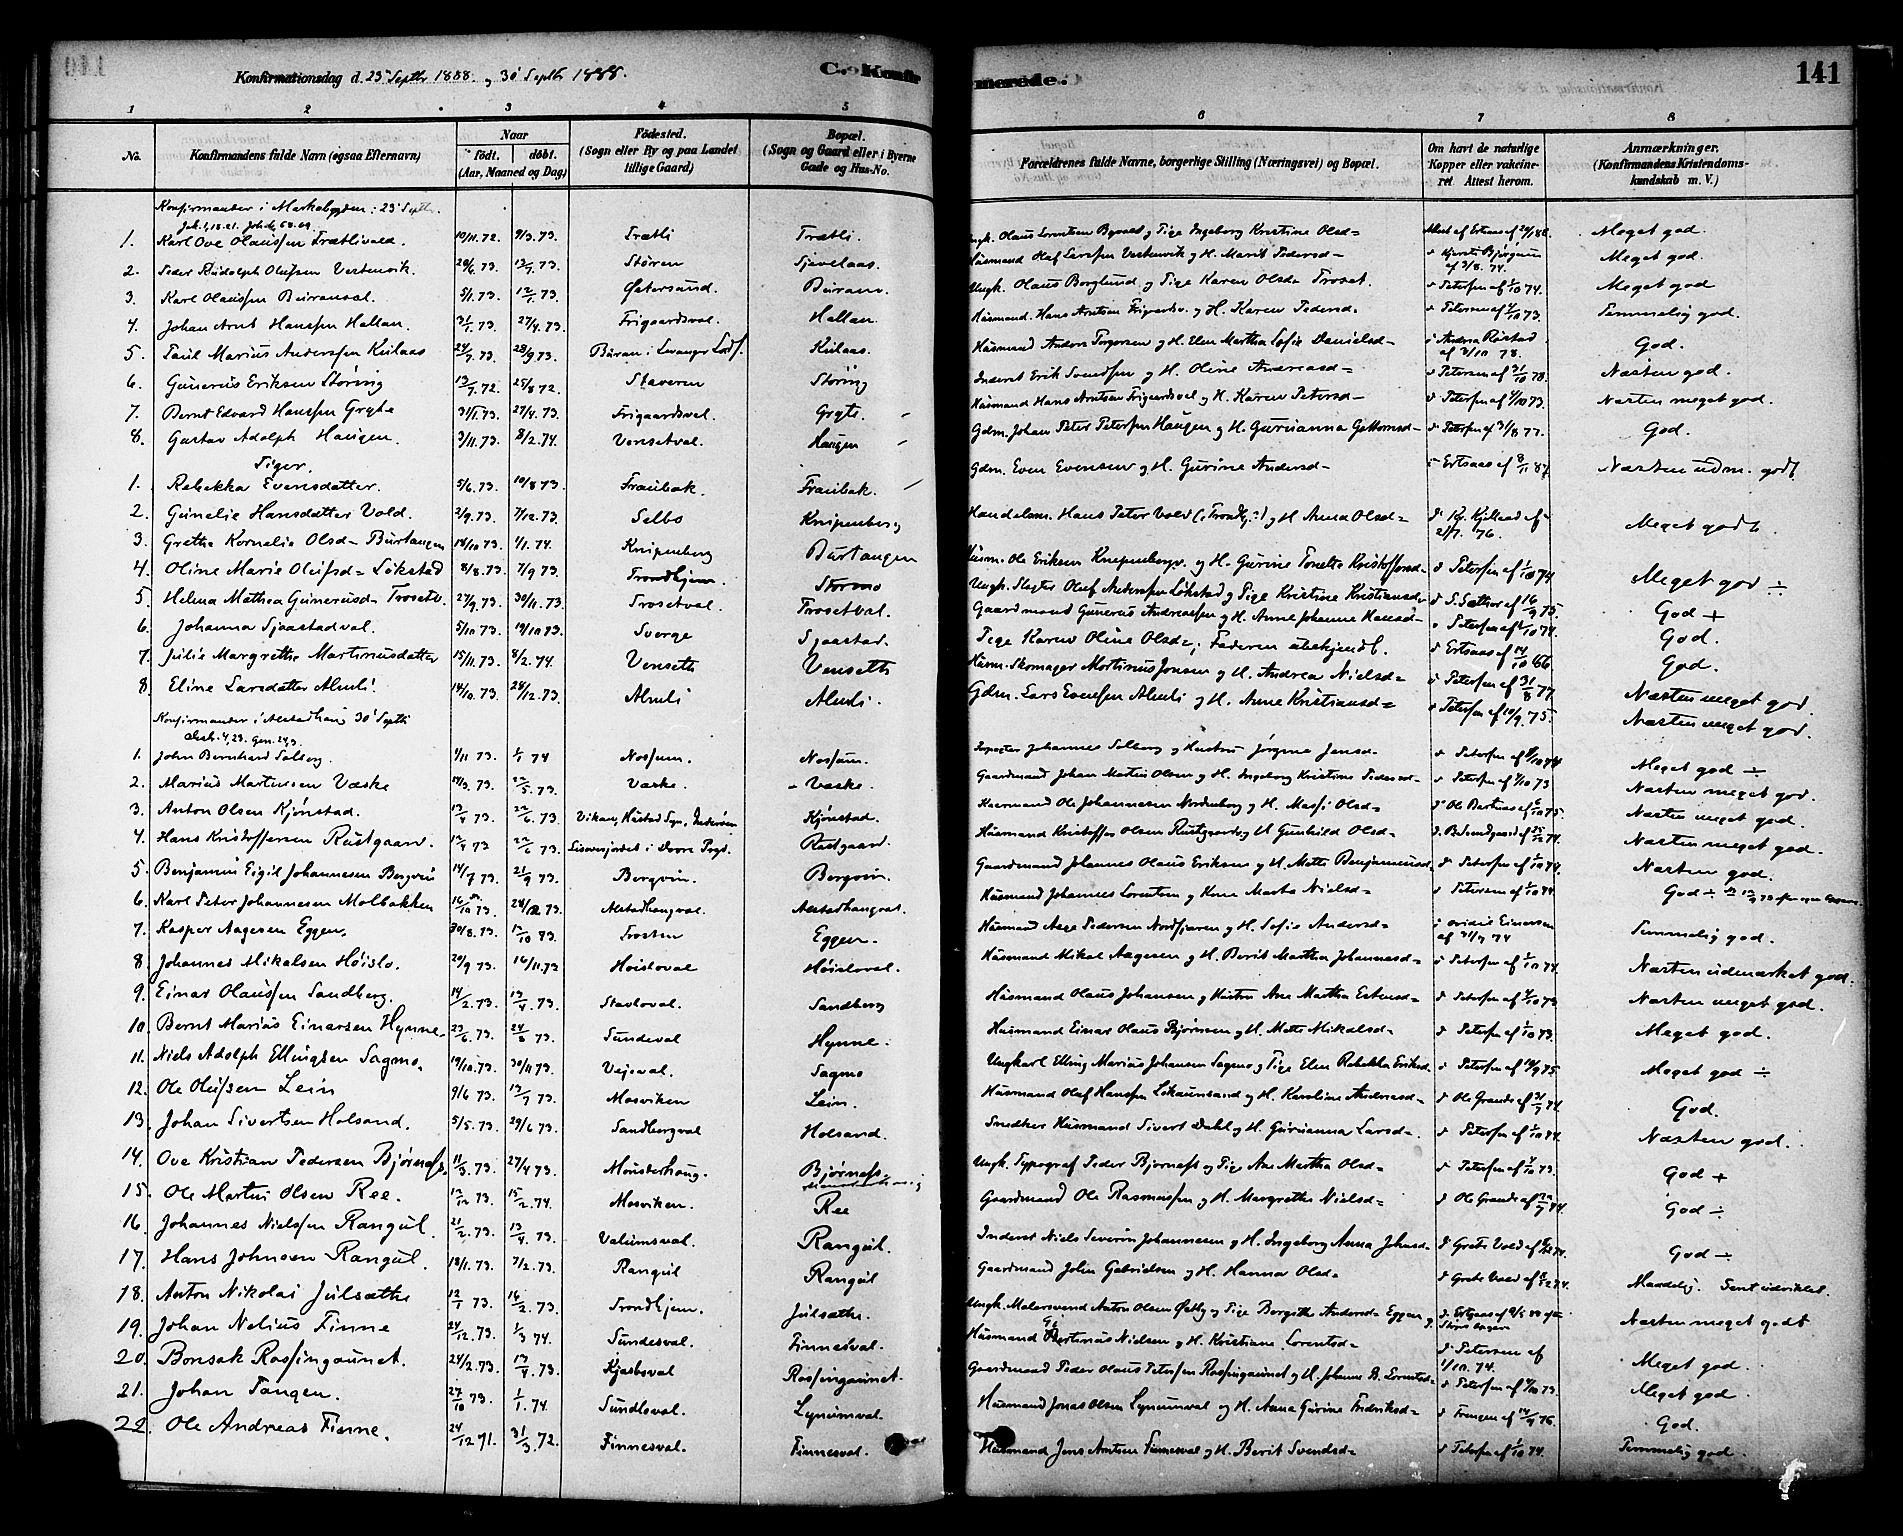 SAT, Ministerialprotokoller, klokkerbøker og fødselsregistre - Nord-Trøndelag, 717/L0159: Ministerialbok nr. 717A09, 1878-1898, s. 141